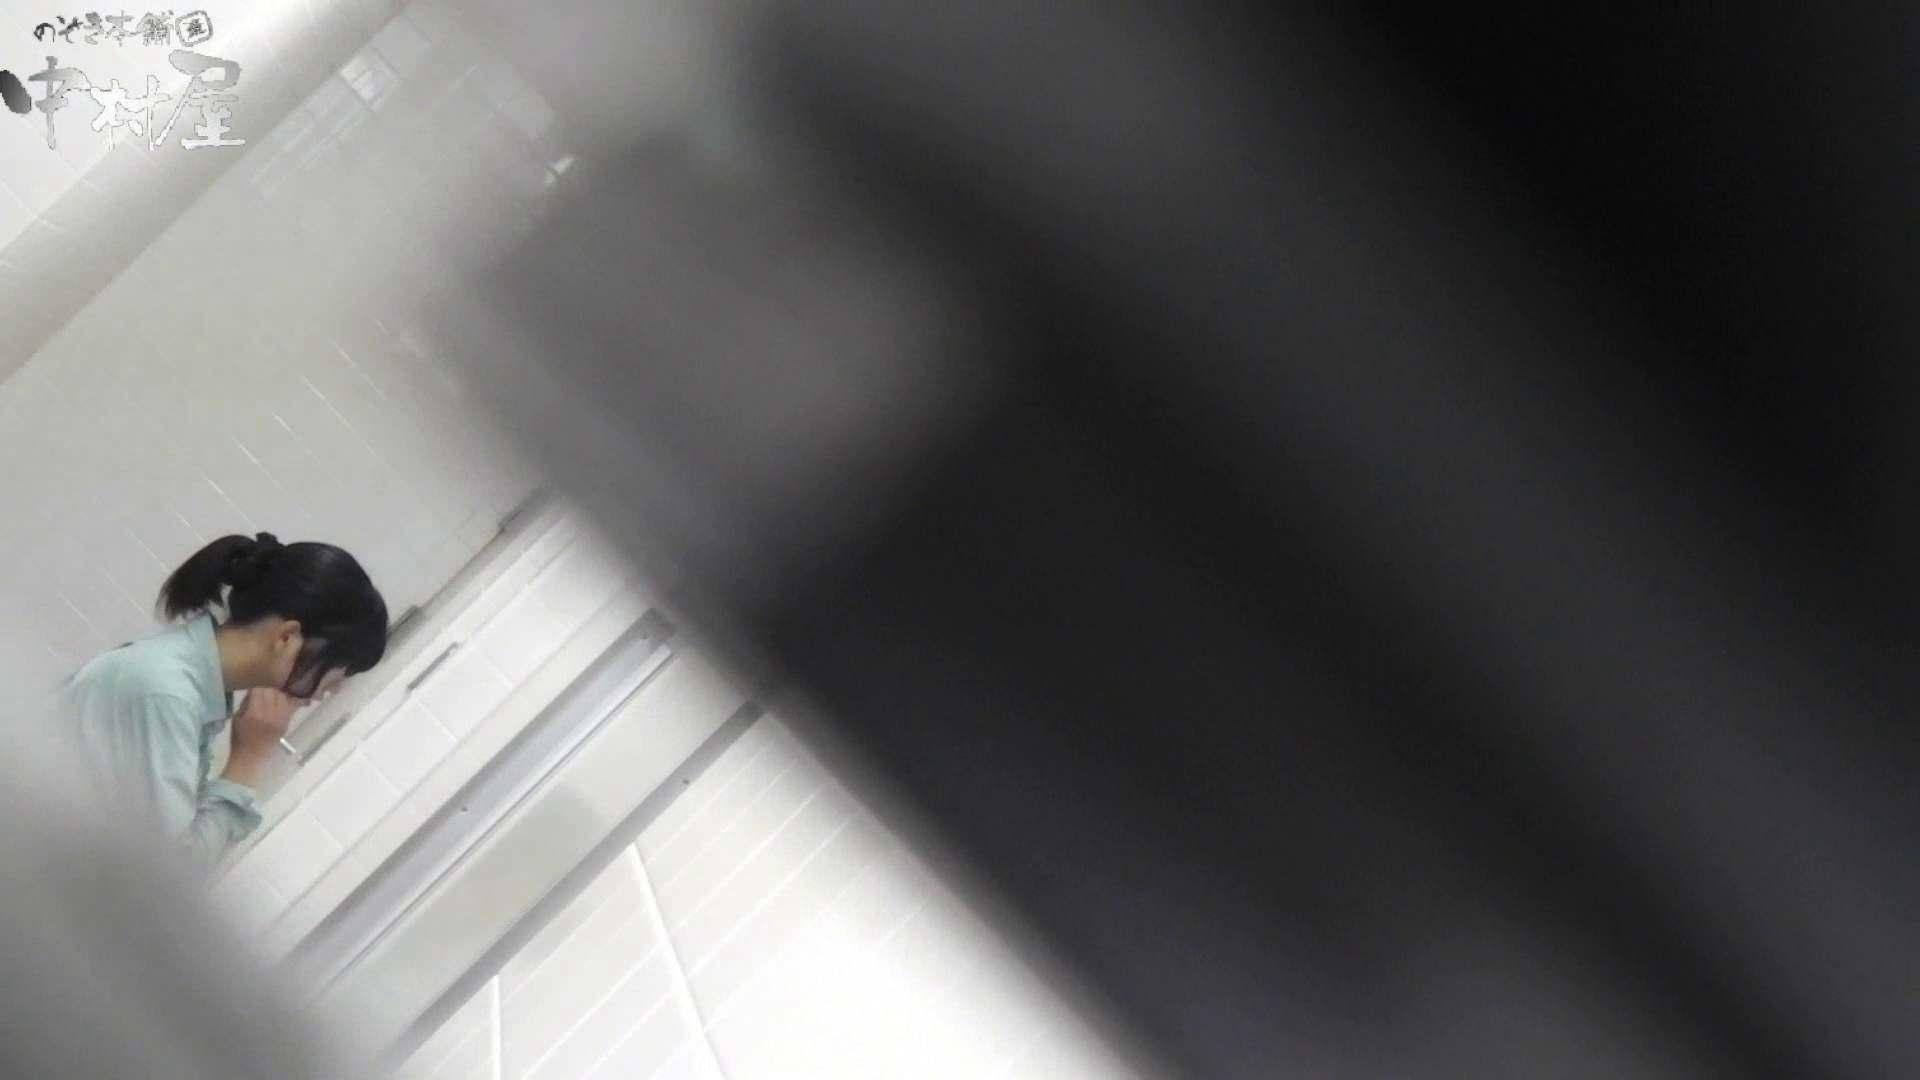 vol.32 命がけ潜伏洗面所! ポニテのケツ毛 潜入 おまんこ動画流出 12pic 11